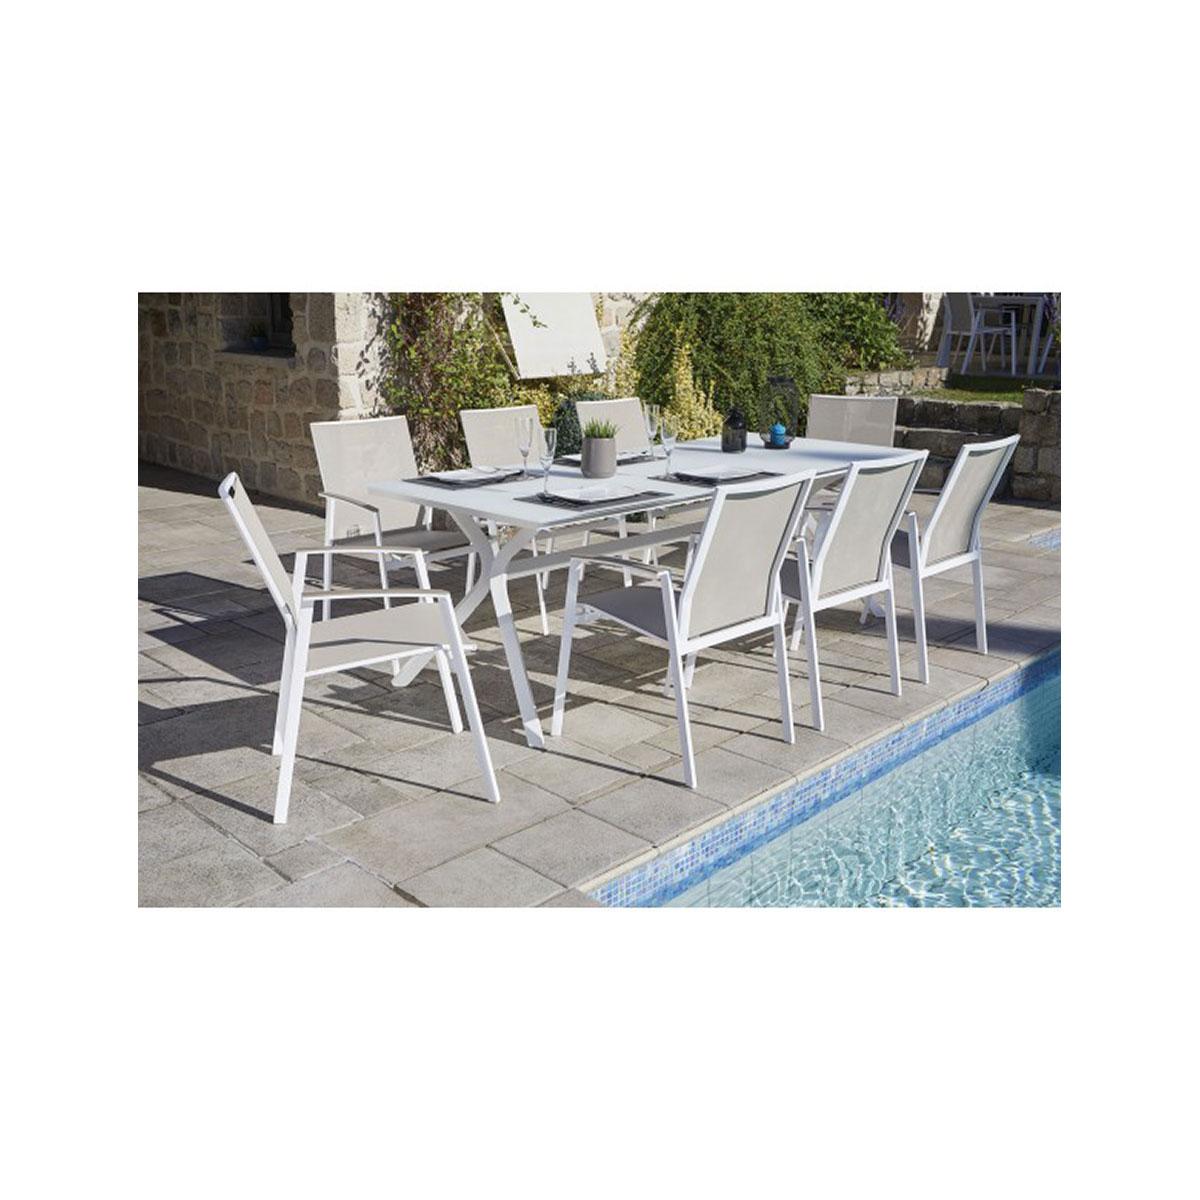 Salon de jardin blanc avec pied design  (Noisette)